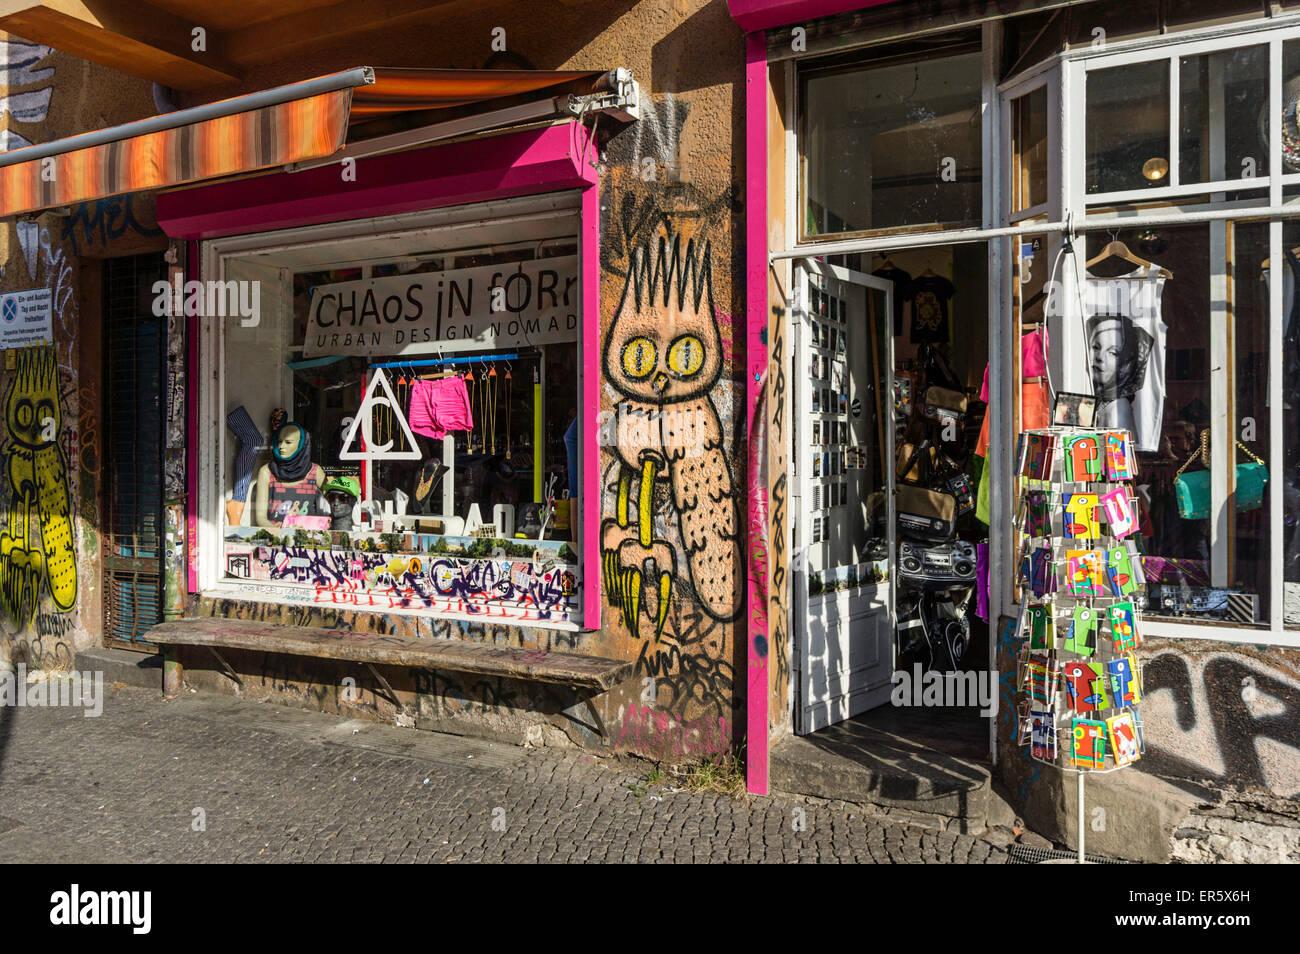 Street Cafe, Club Scene, Chaos in Form Shop, Falkenstein Street near Oberbaum Bridge, Kreuzberg, Berlin, Germany - Stock Image